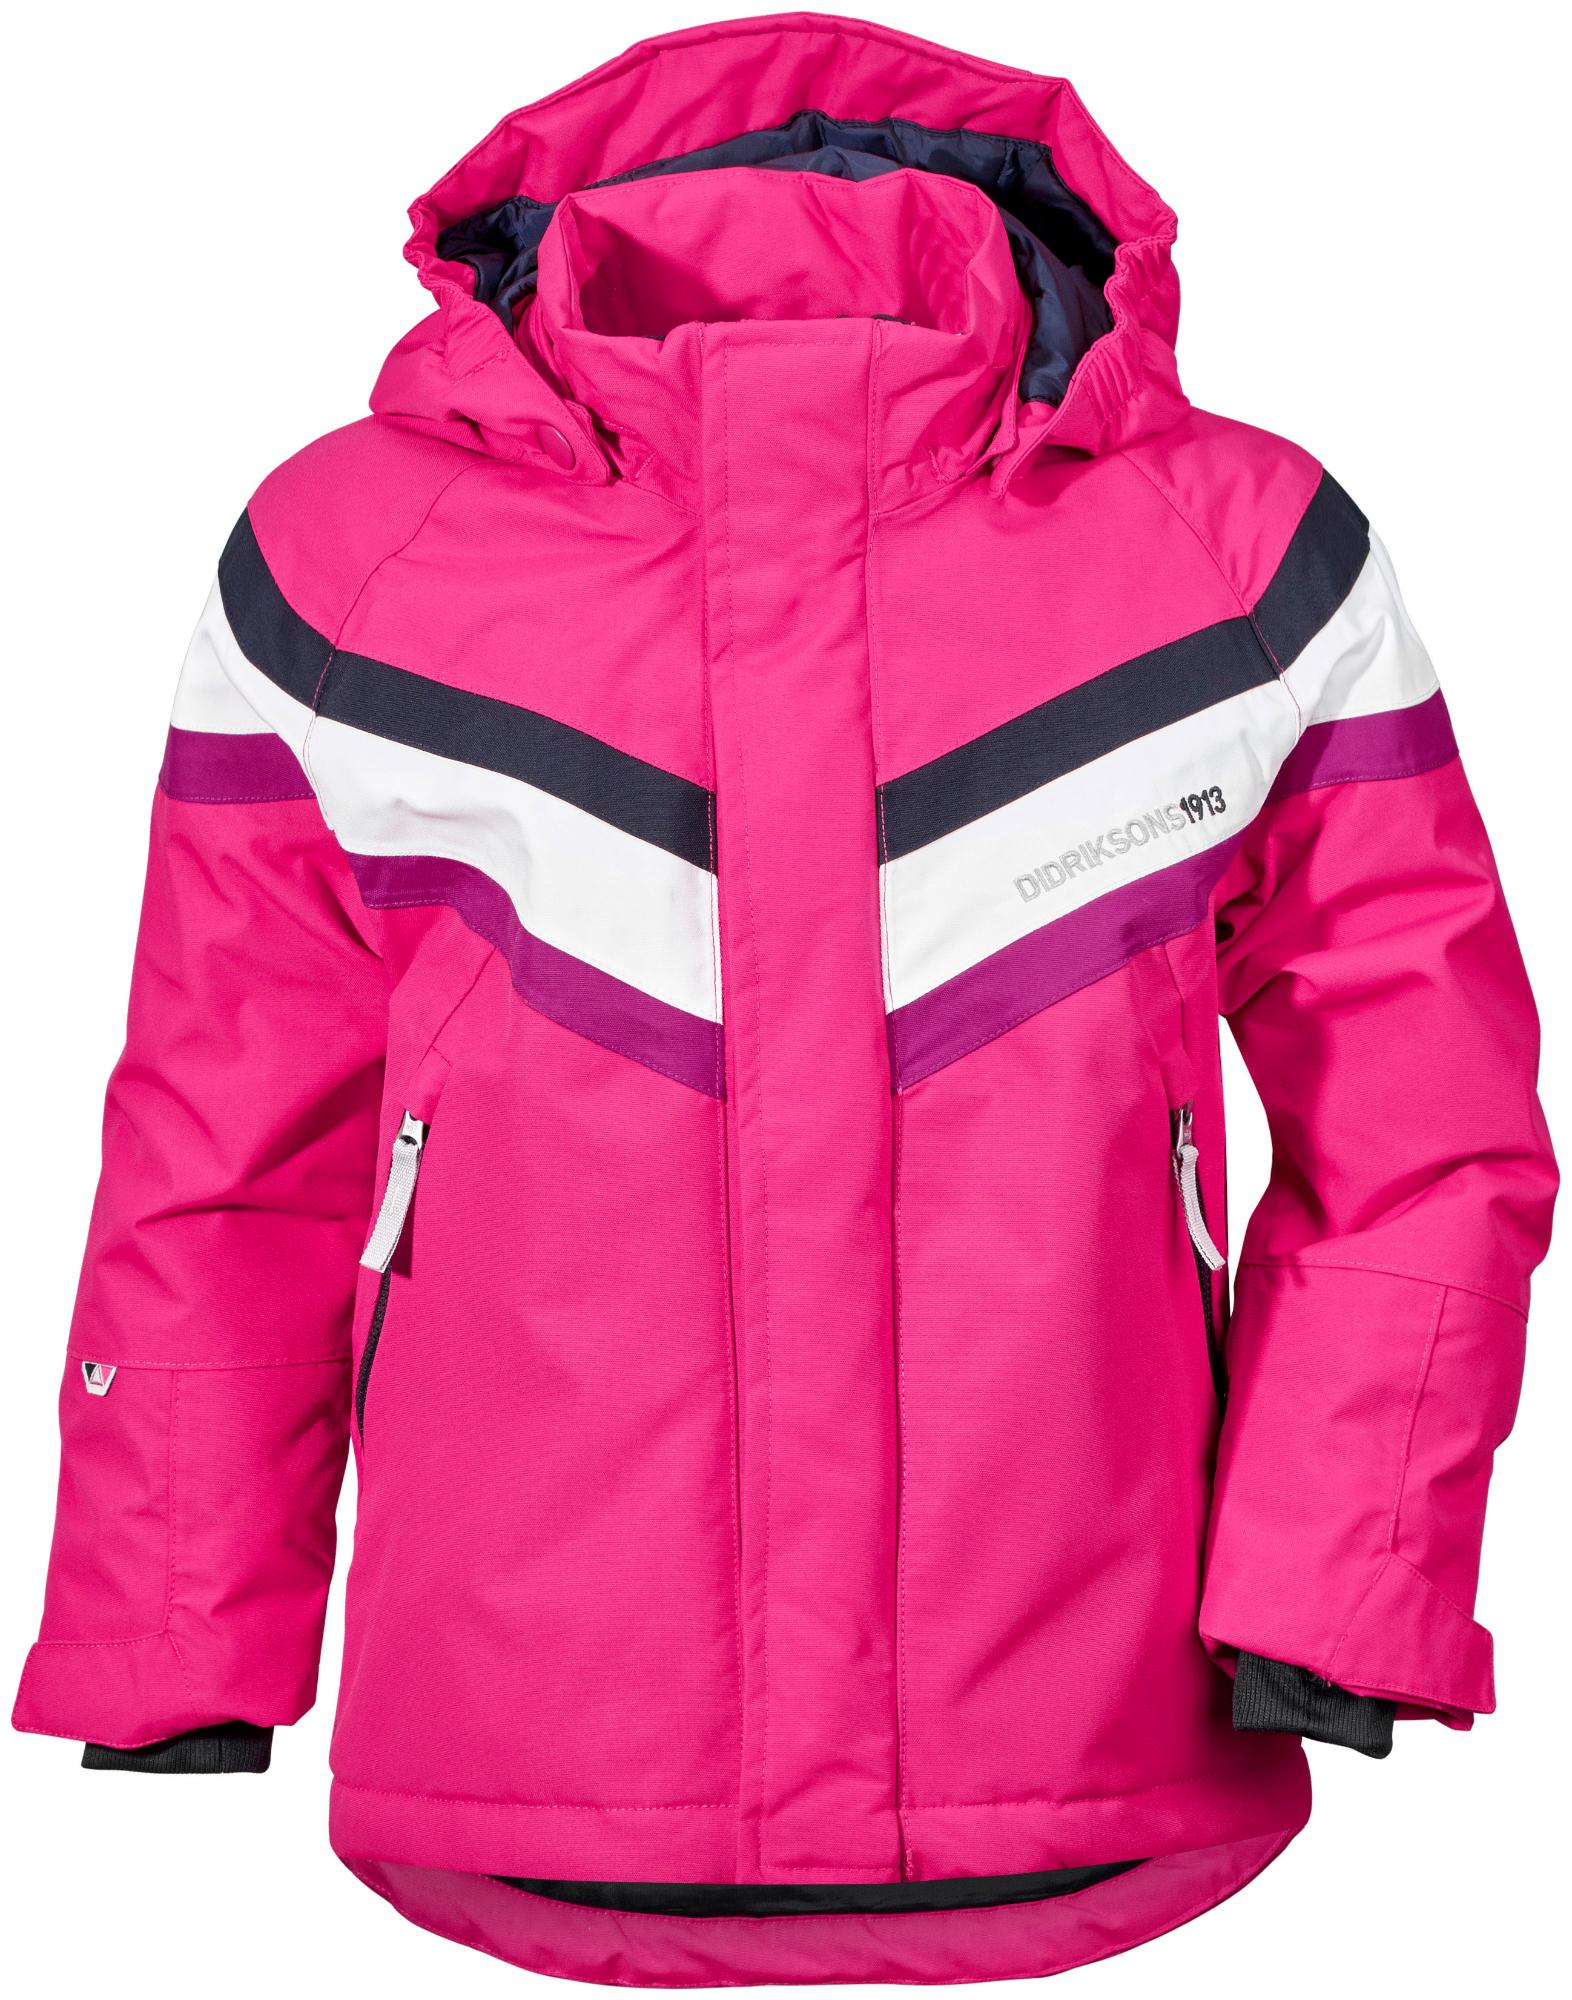 Didriksons Säfsen Kids - Overgangsjakke - Pink | Jackets